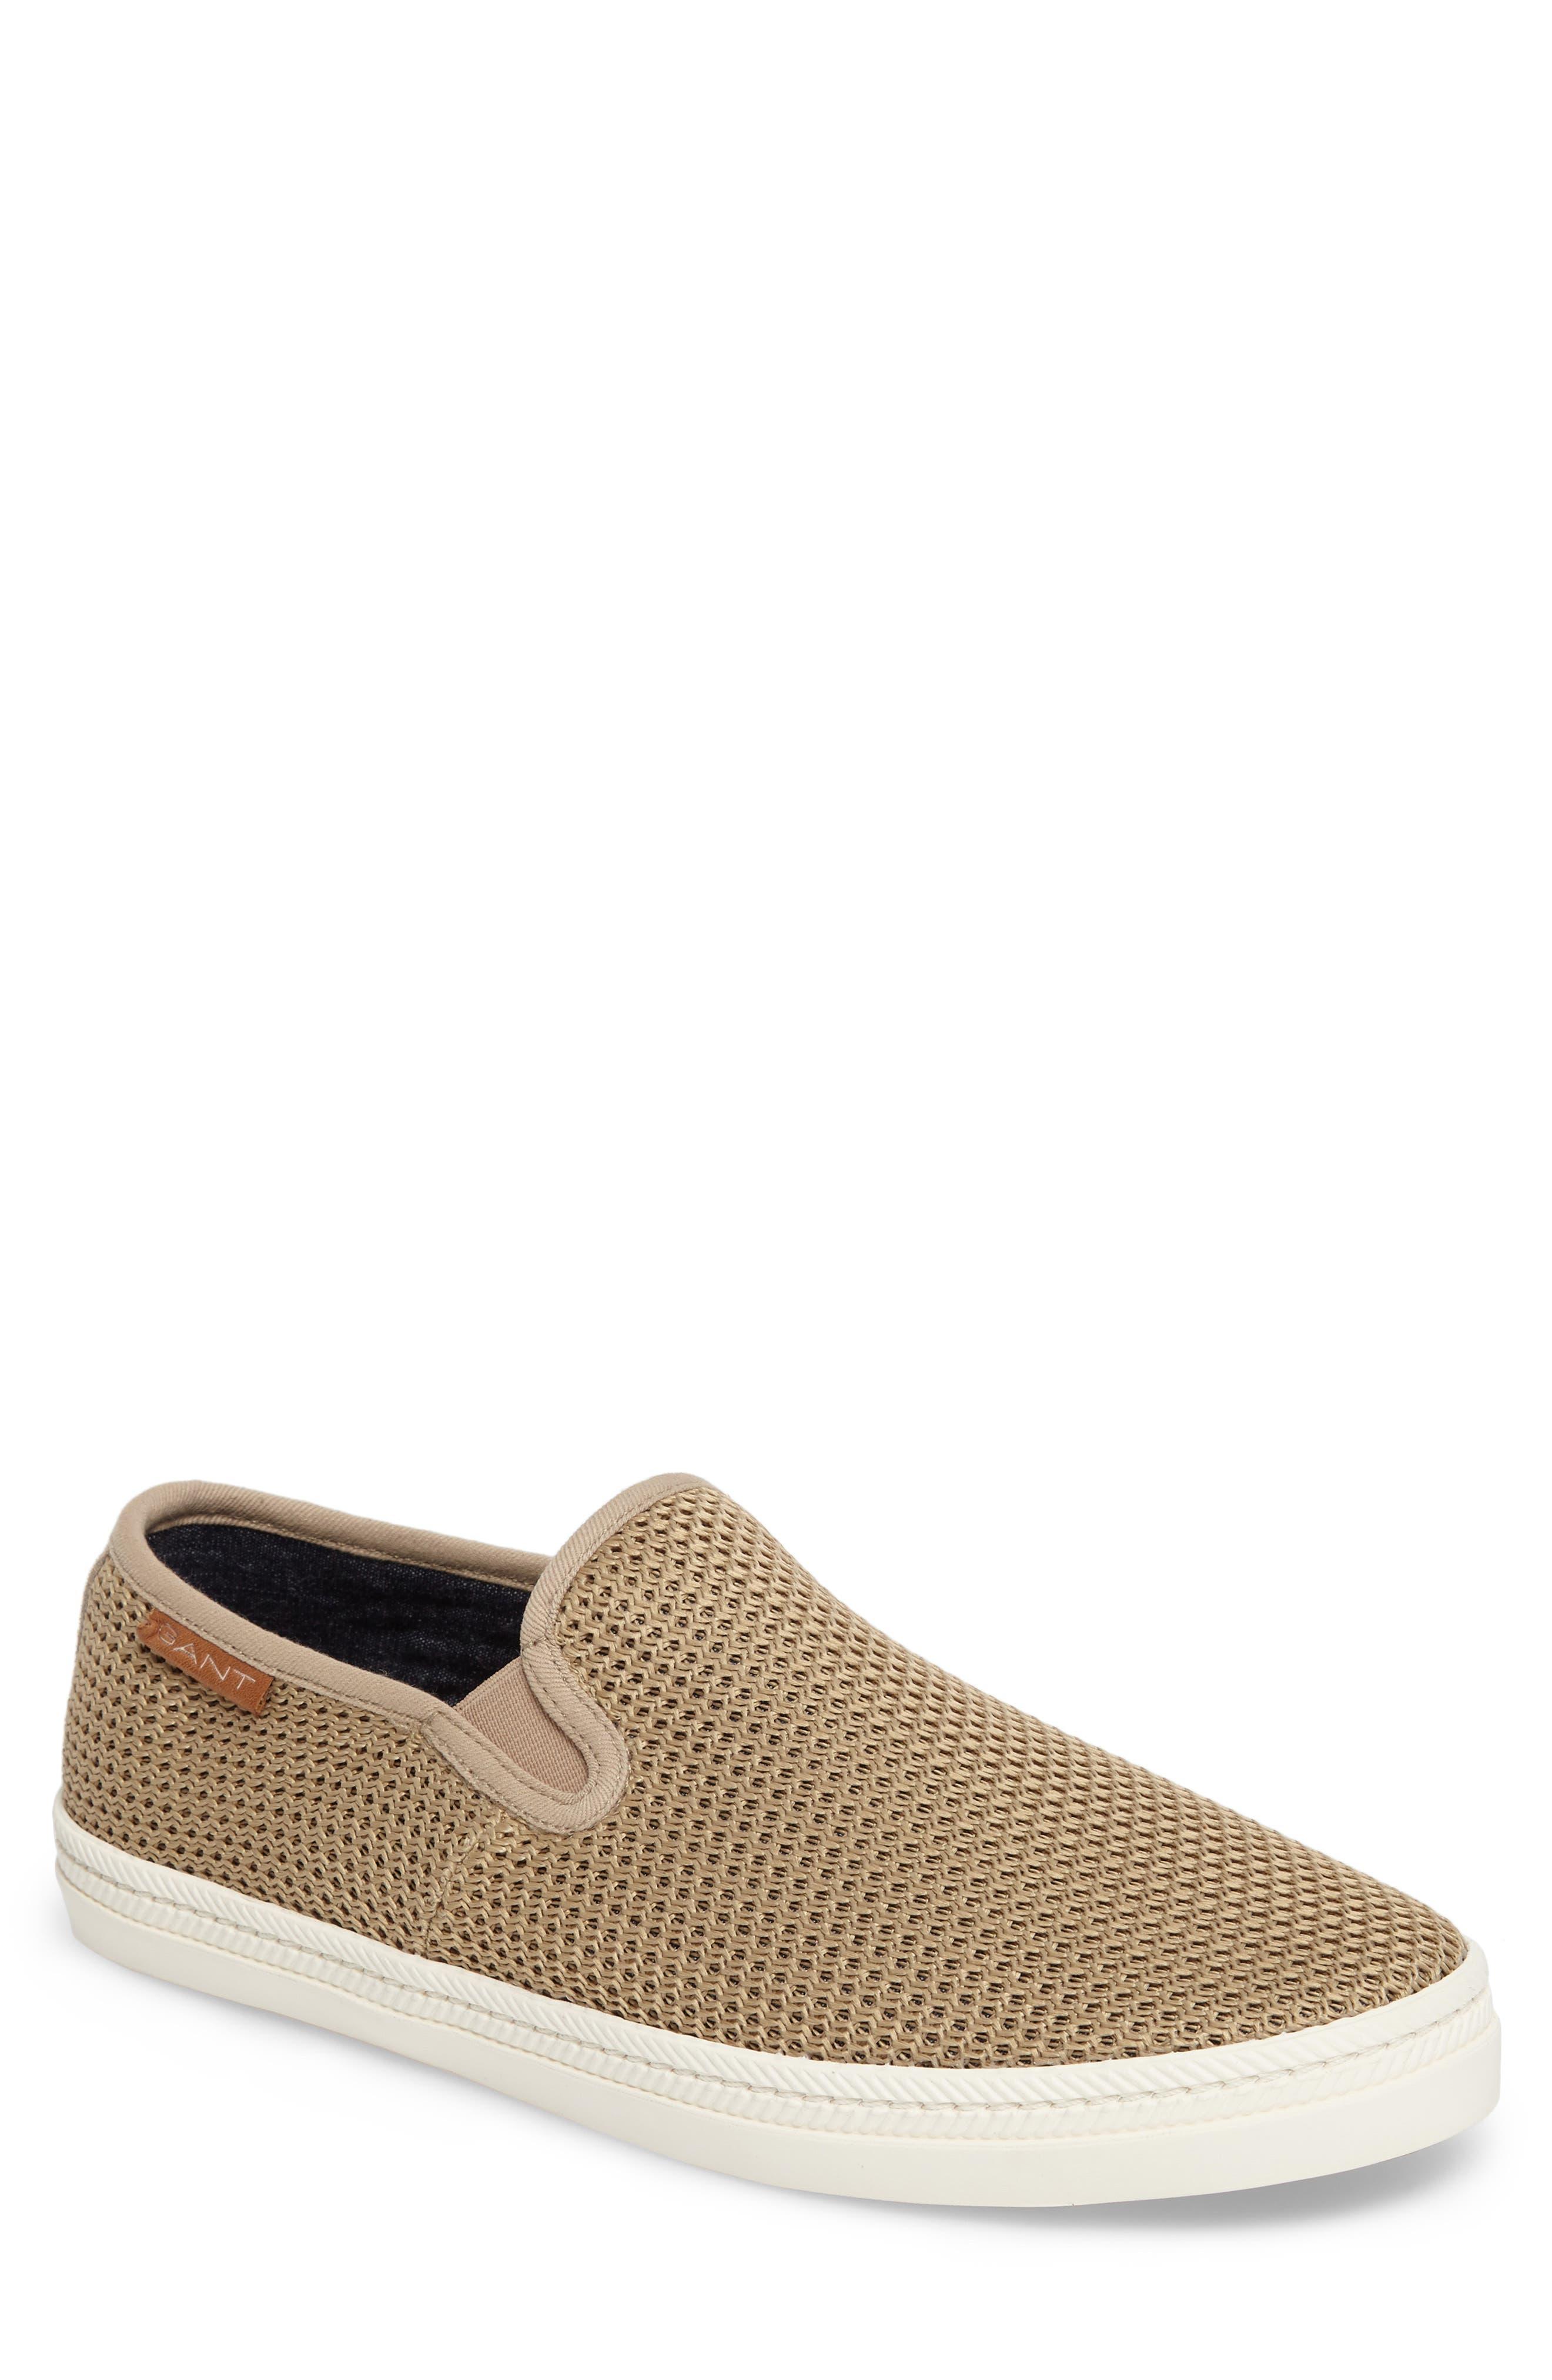 Delray Woven Slip-On Sneaker,                             Main thumbnail 1, color,                             252